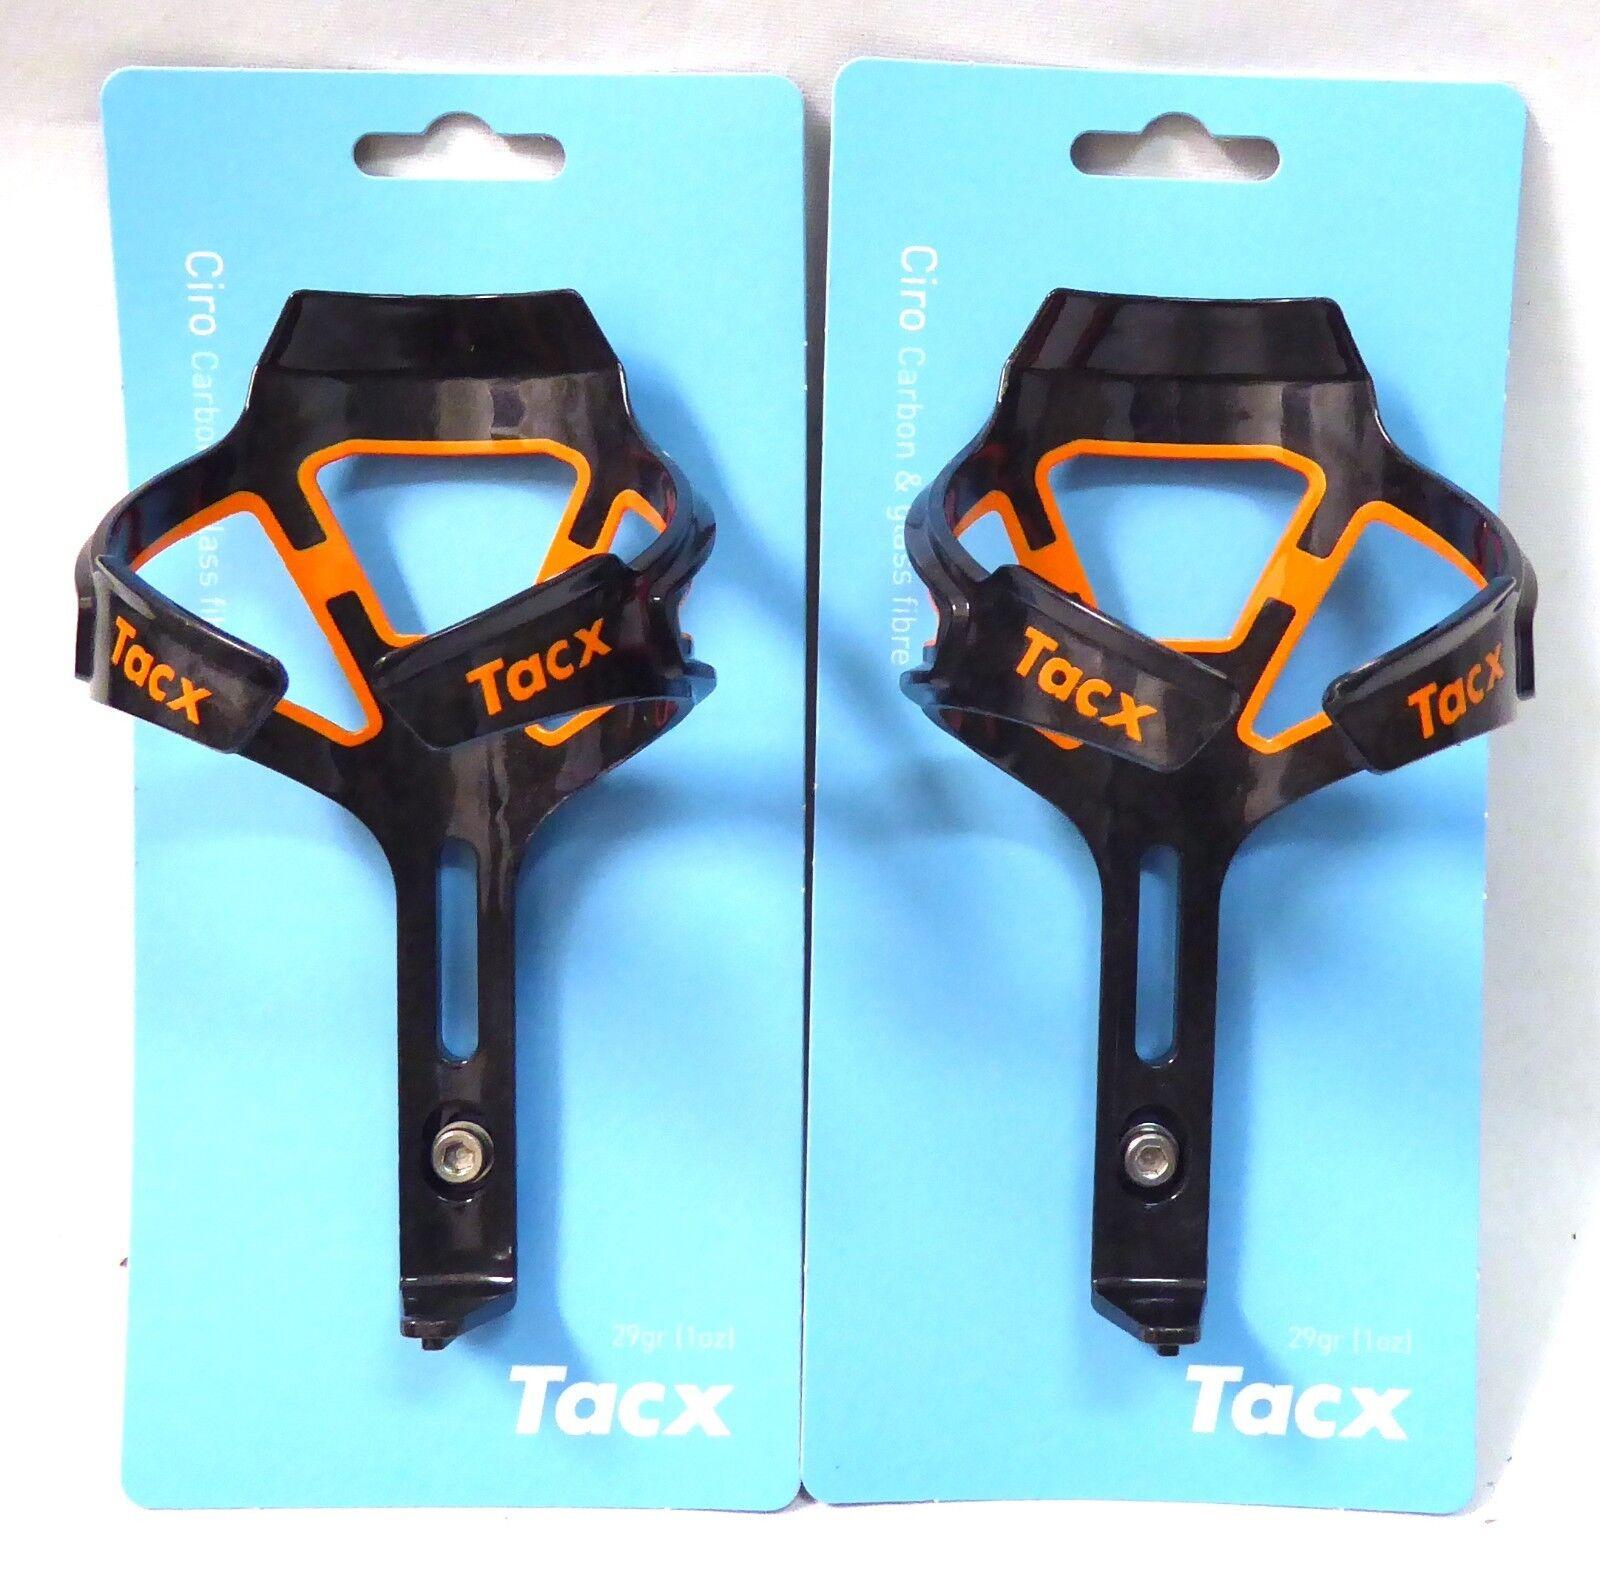 Tacx Ciro Carbone Bouteille D'Eau Support Orange Orange Orange Paire 9d008f